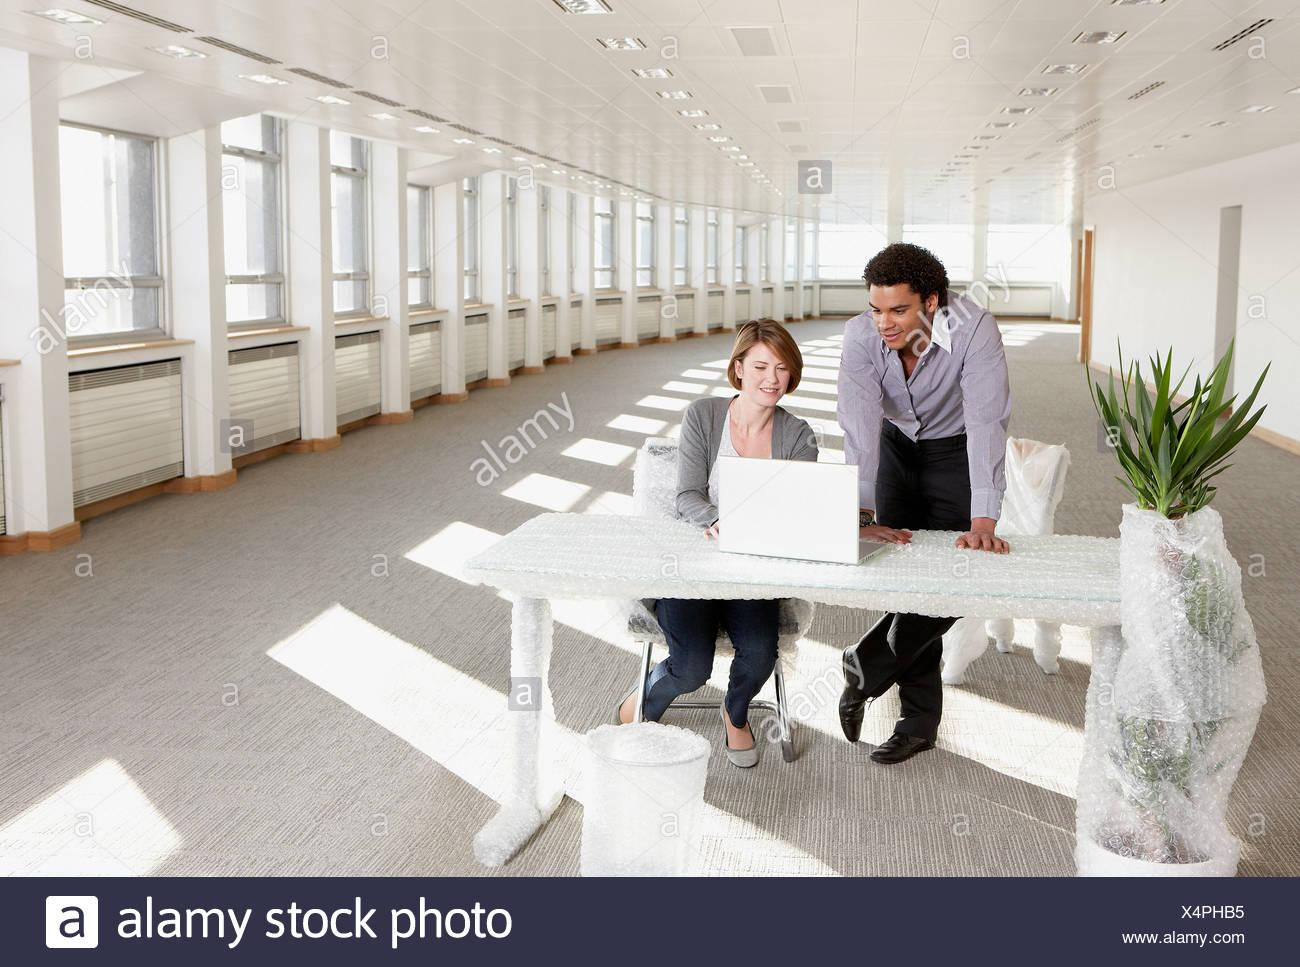 Mobili Per Ufficio Su : La gente di affari di lavoro avvolti su mobili per ufficio in